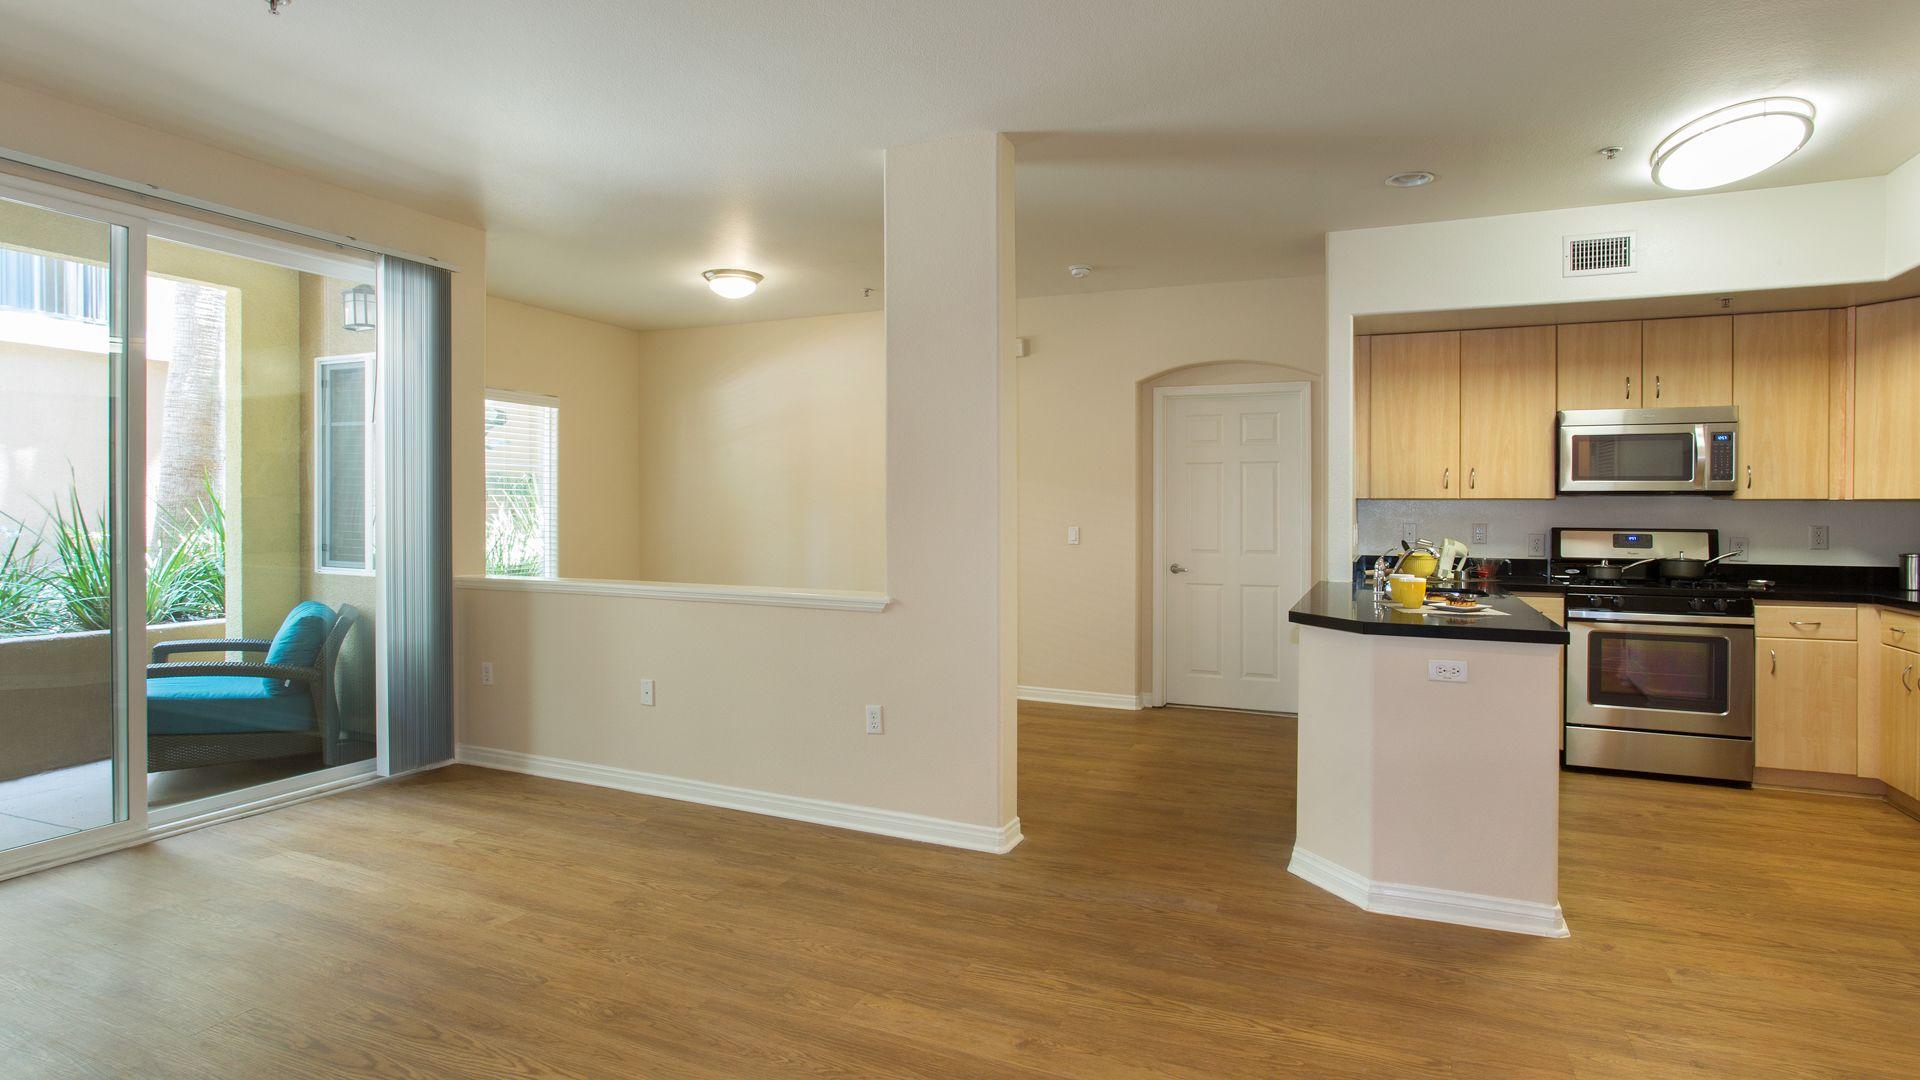 Mariposa at Playa del Rey Apartments - Living Room